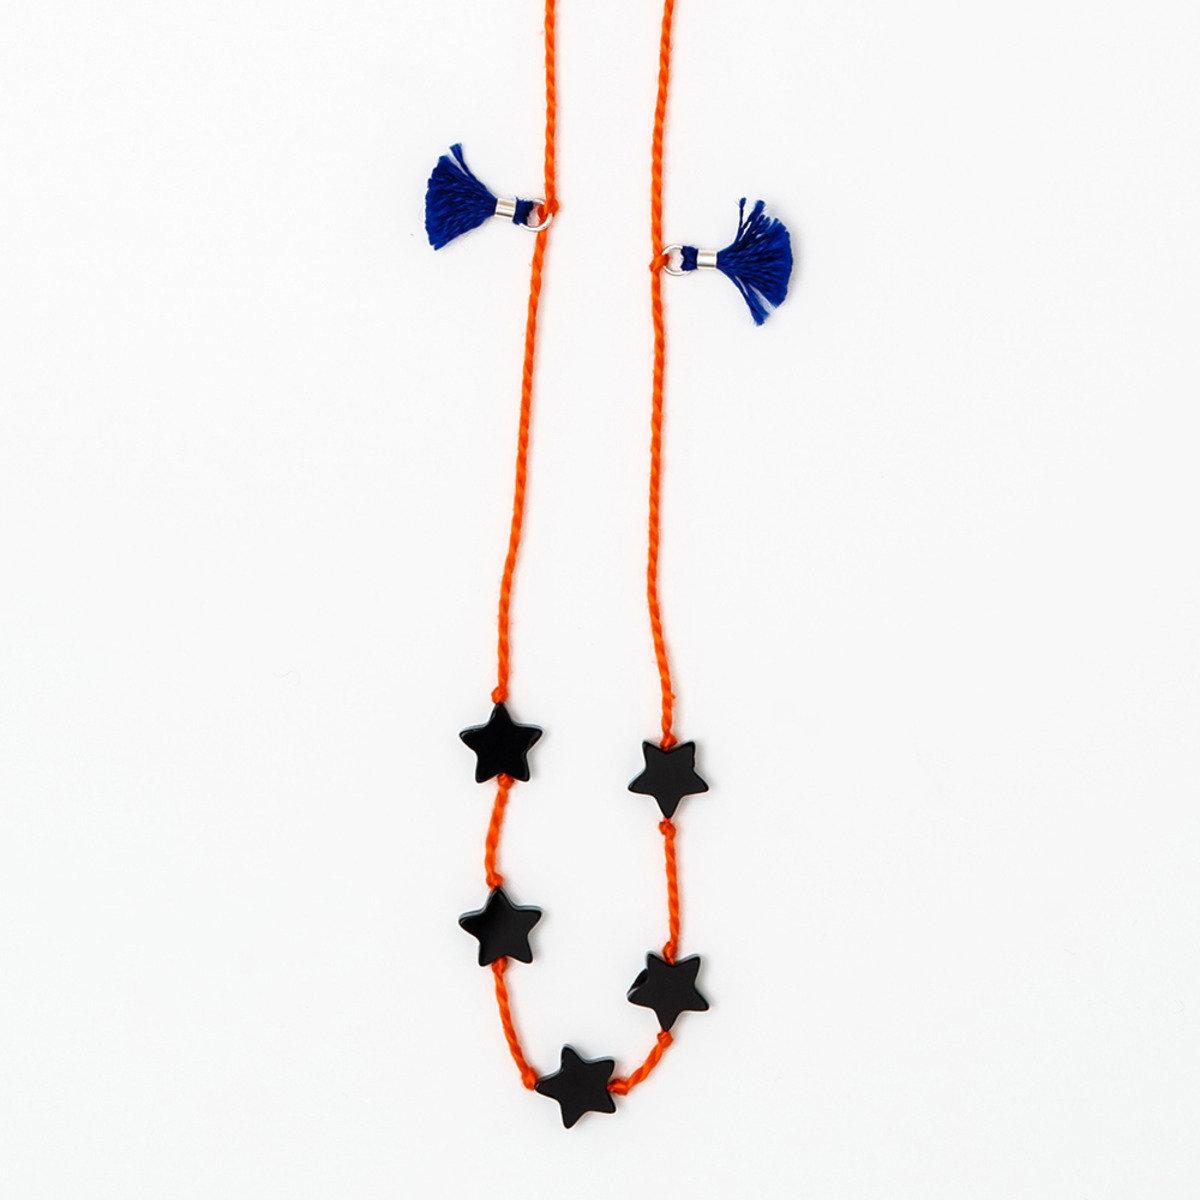 簡約深橙色縞瑪瑙手繩_BRNE5E122DO